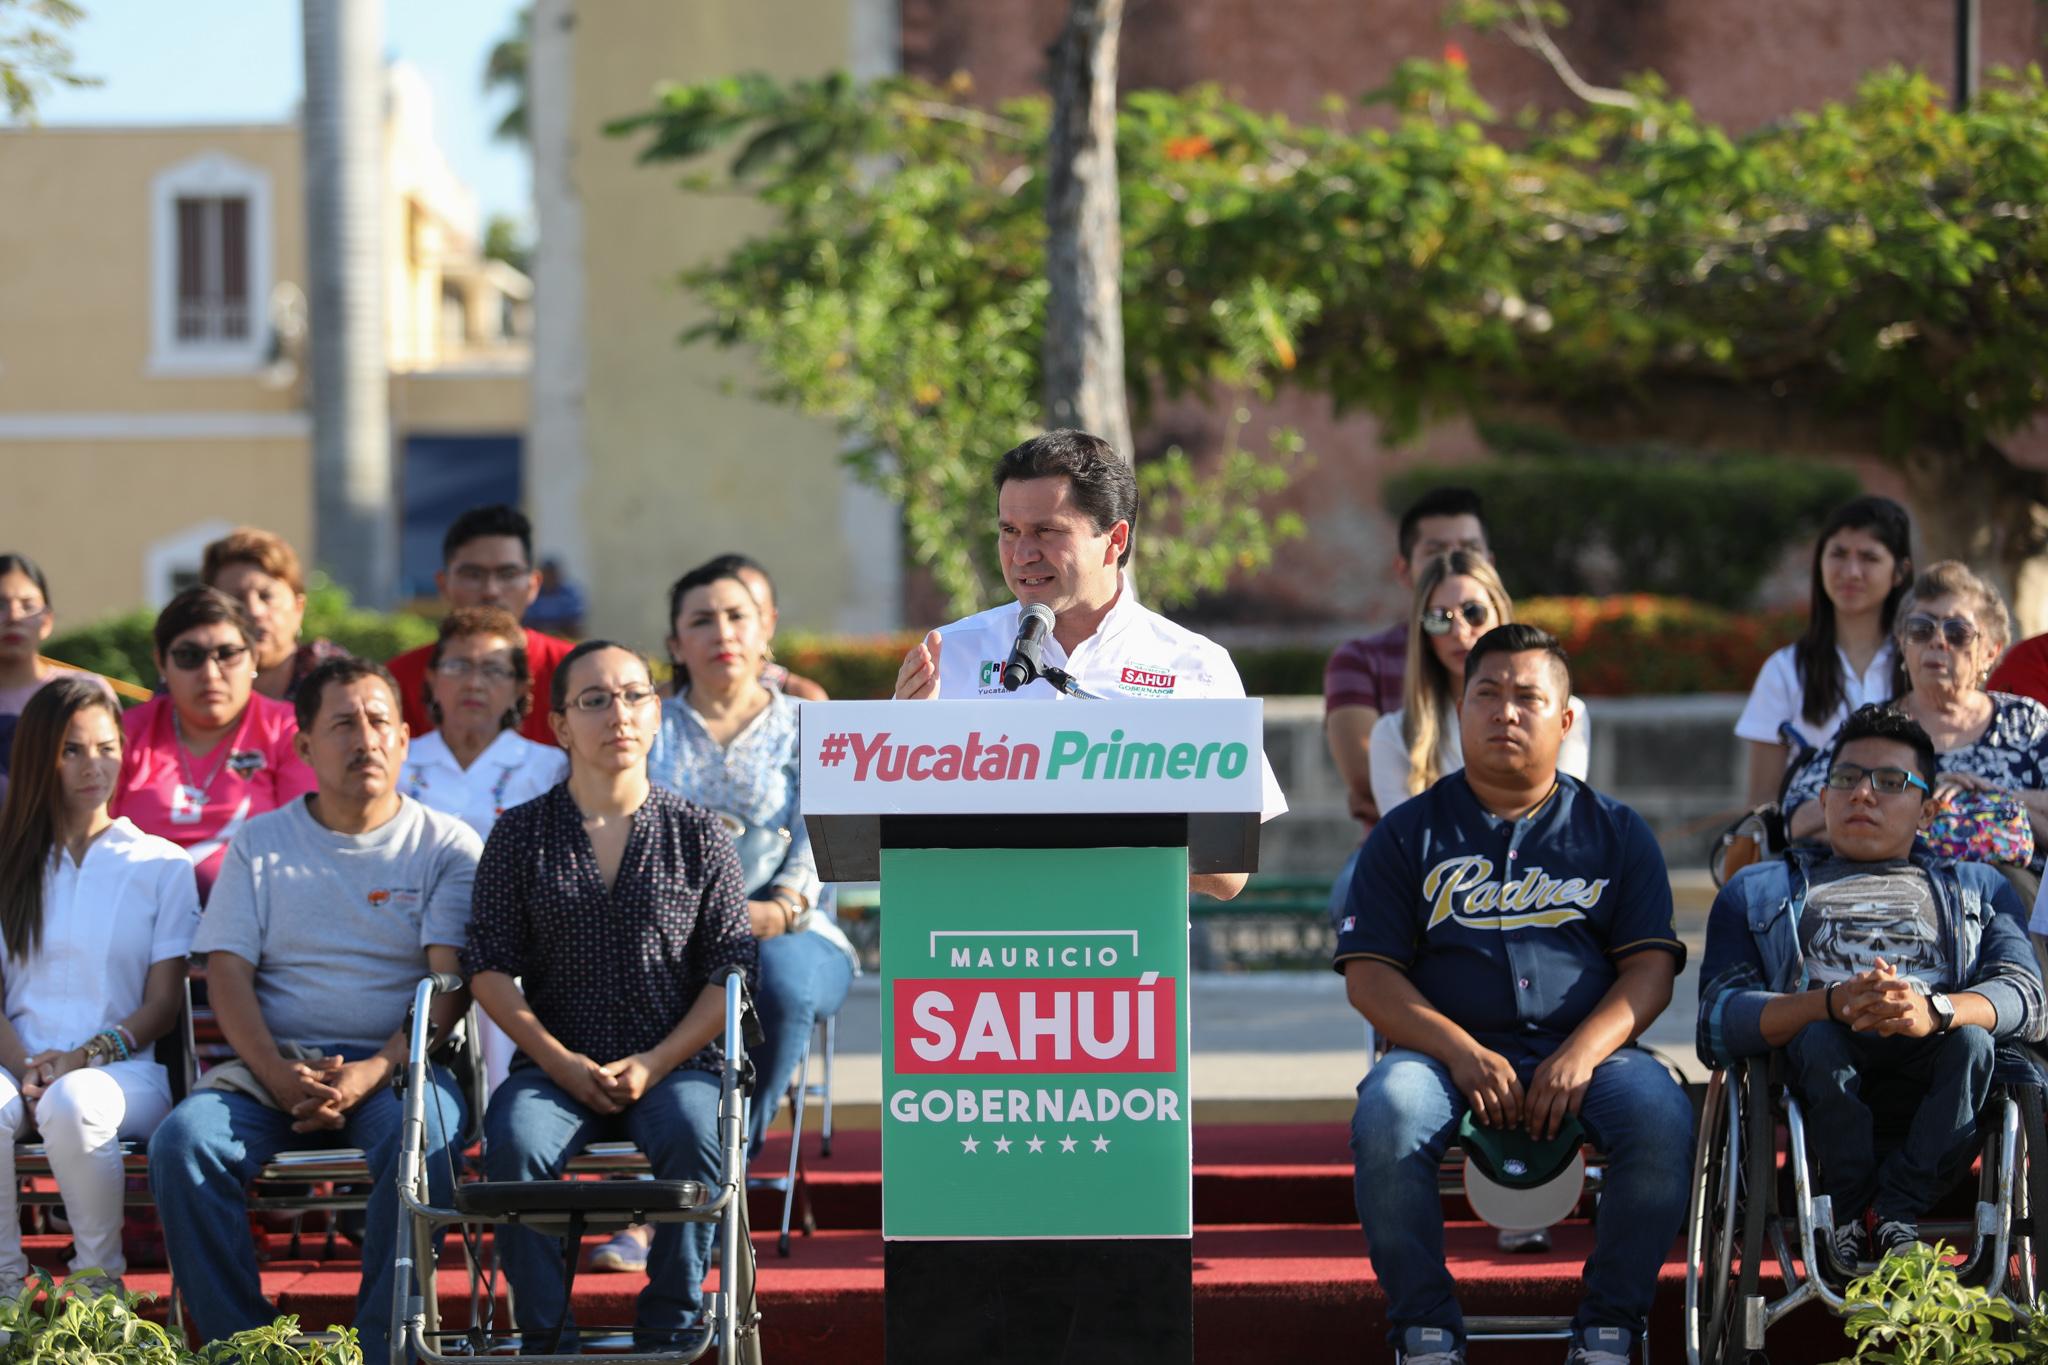 """Sahuí y la visión de la campaña """"Yucatán Primero"""""""